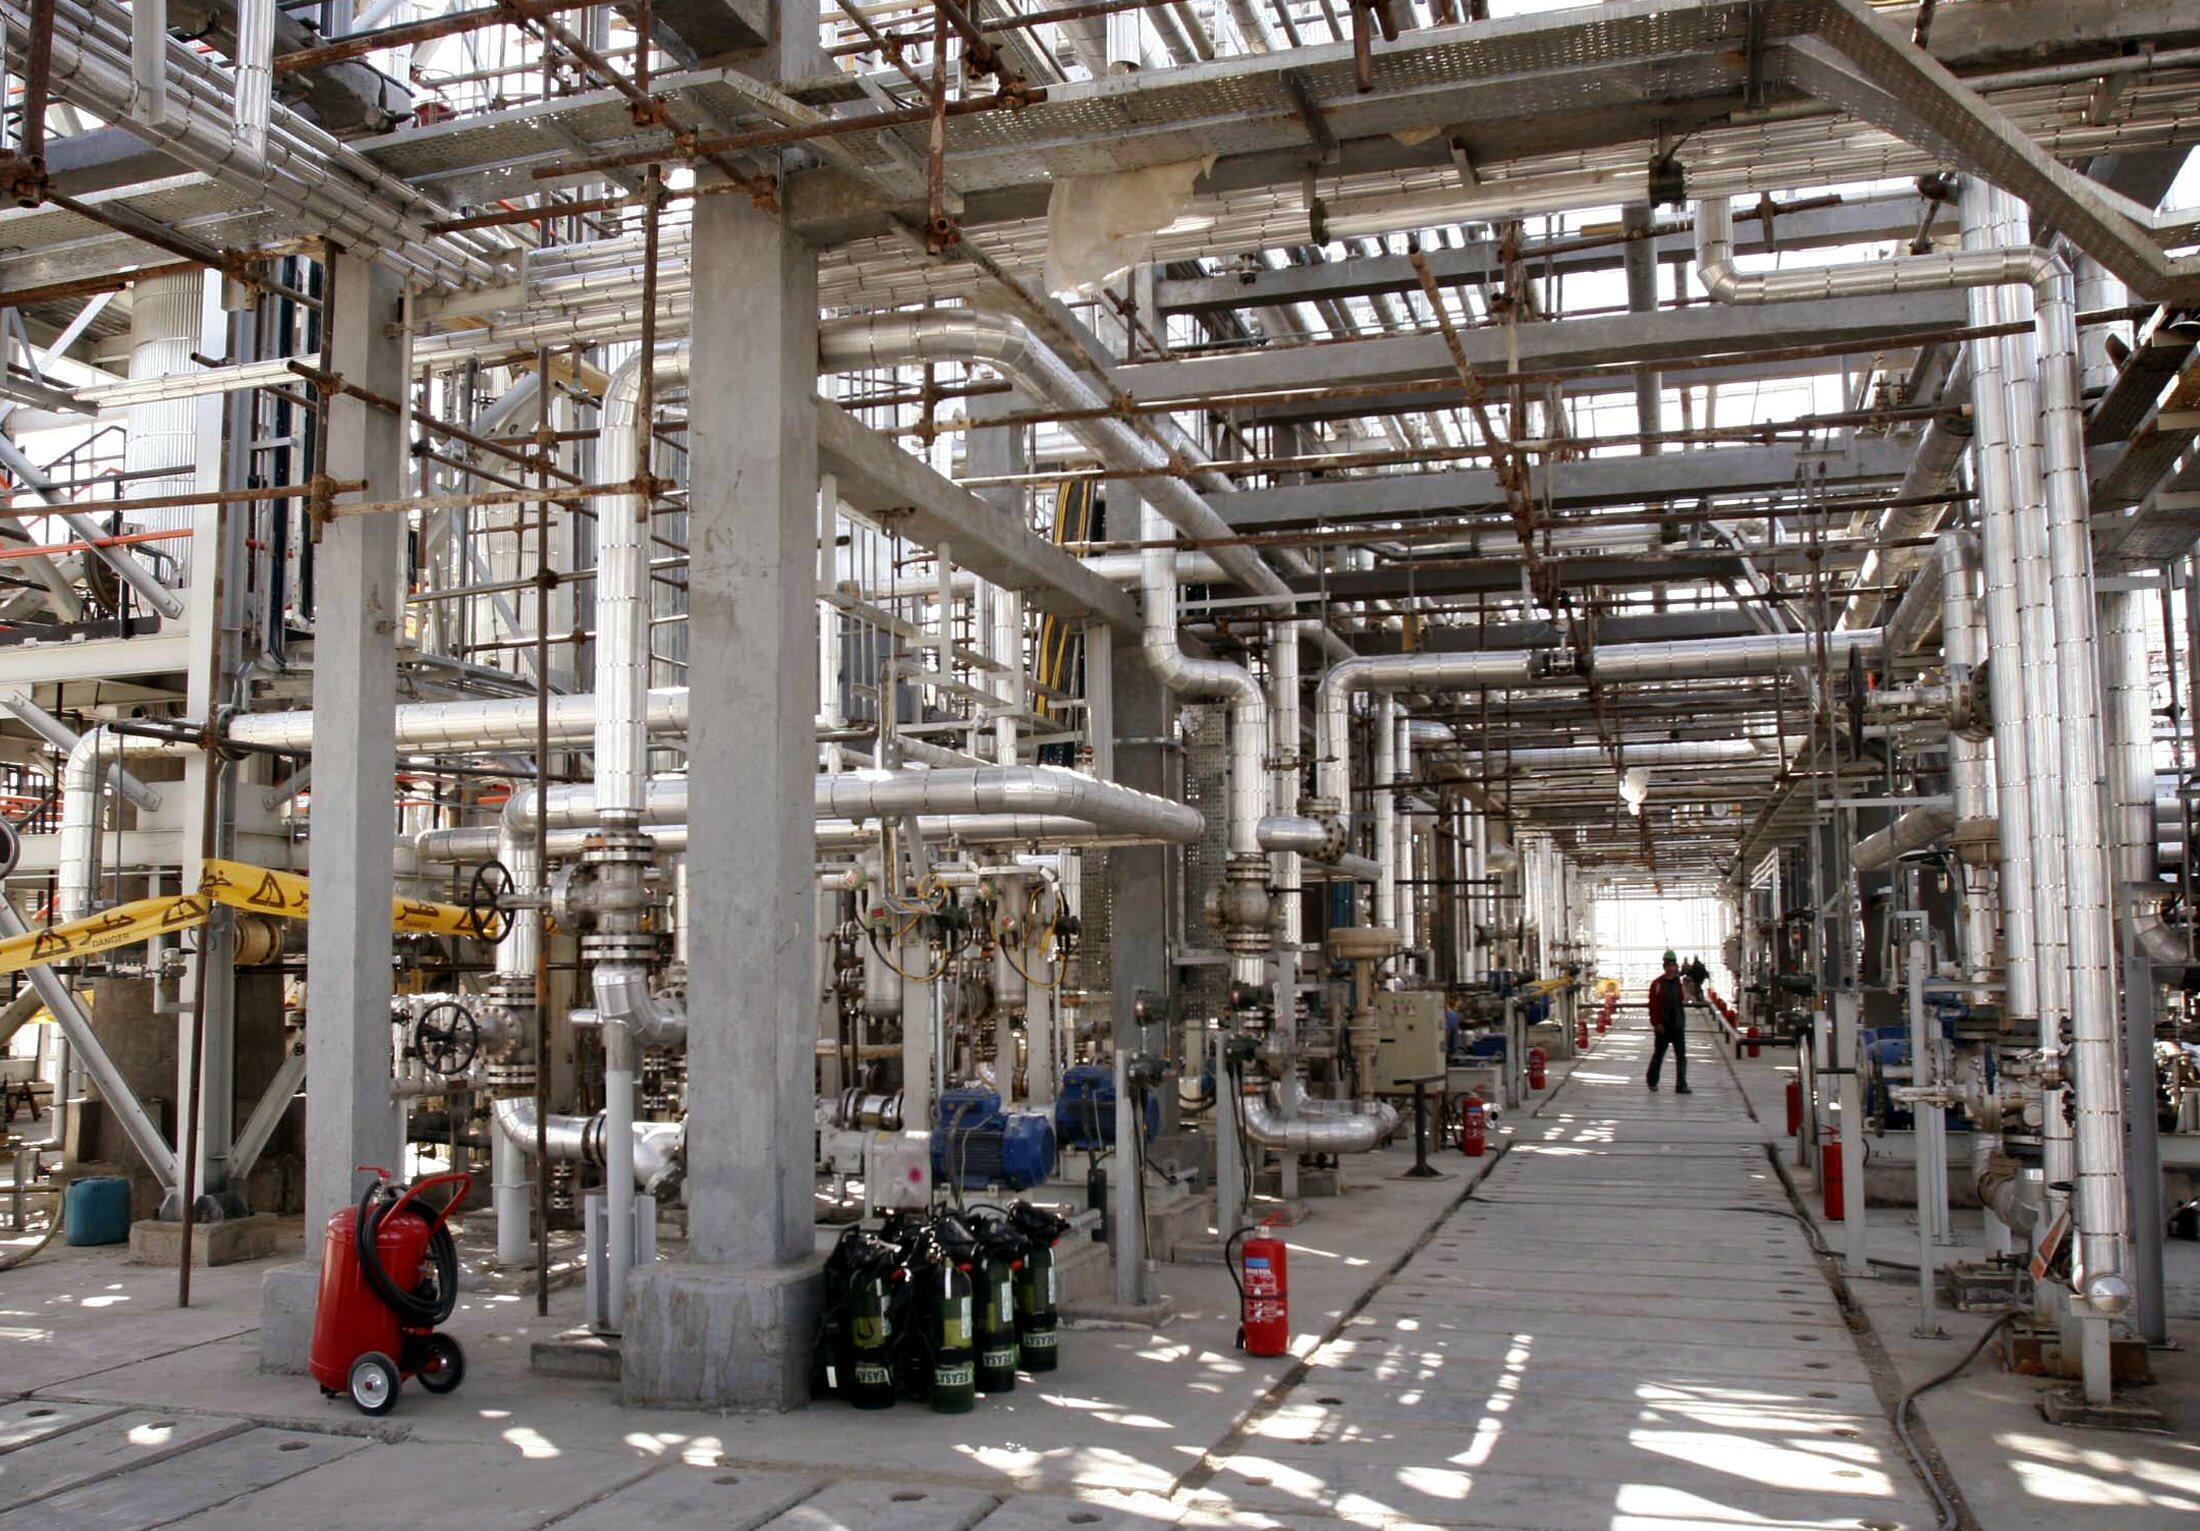 Nhà máy chạy bằng nước nặng Arak, cách Teheran 360 km về phía Tây nam.